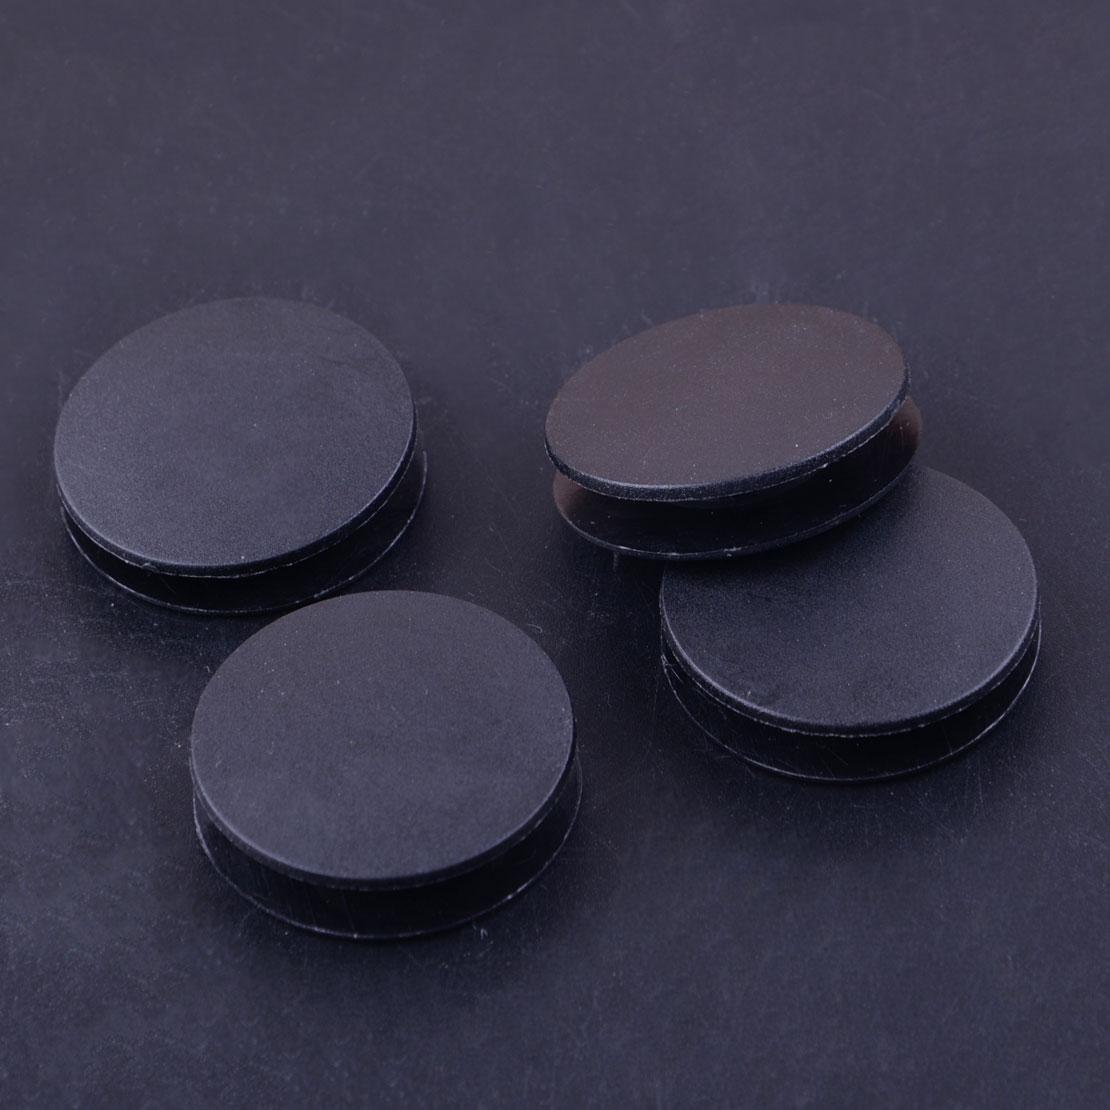 CITALL 4Pcs Black Plastic Car Mat Grips Carpet Floor Fixing Clips Clamps BQ6680520 Fit for MERCEDES-BENZ